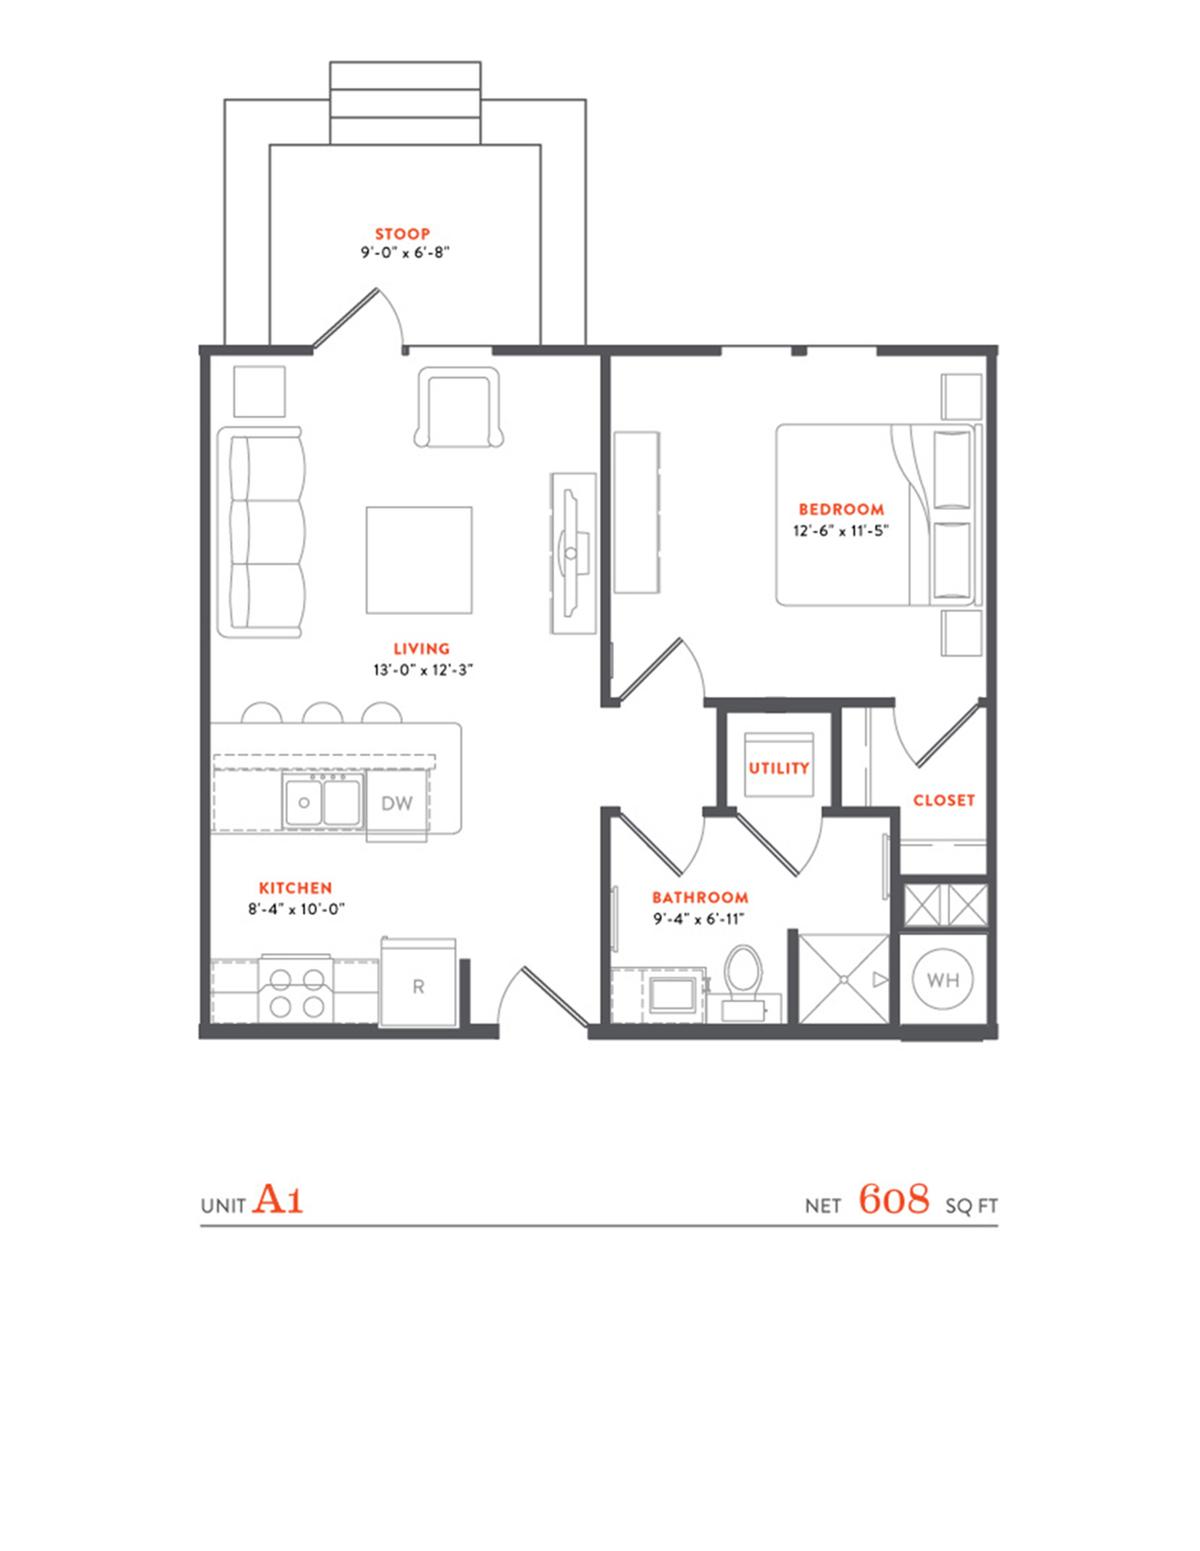 A1_Stylized_Floor_Plan-01.jpg